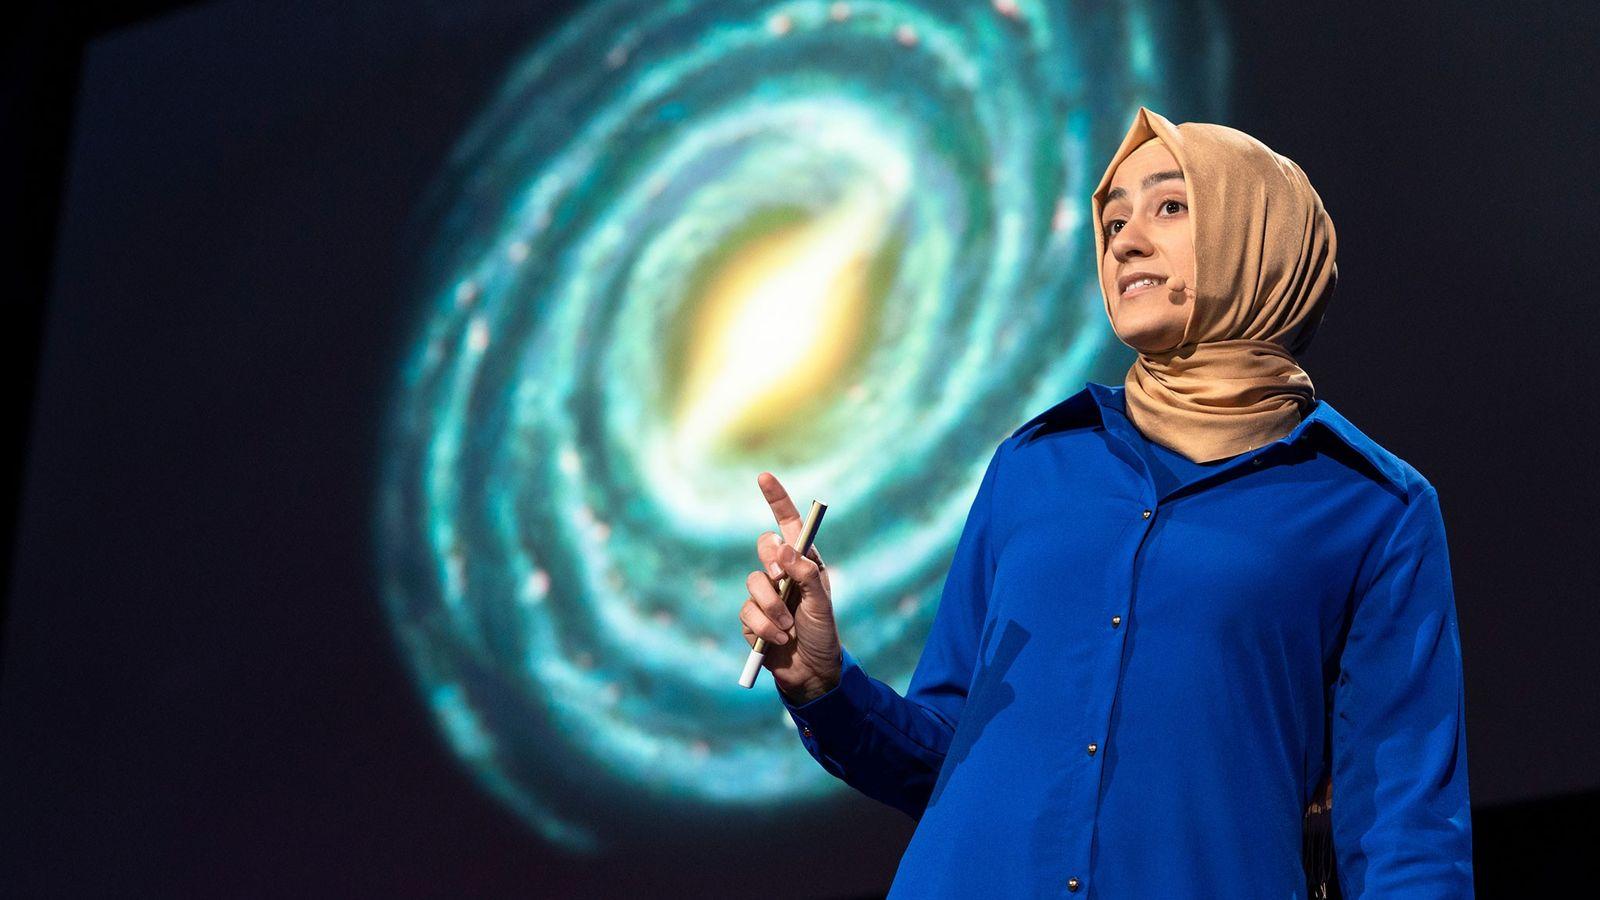 La astrofísica Burçin Mutlu-Pakdil habla durante el evento TED2018 en Vancouver, Canadá.